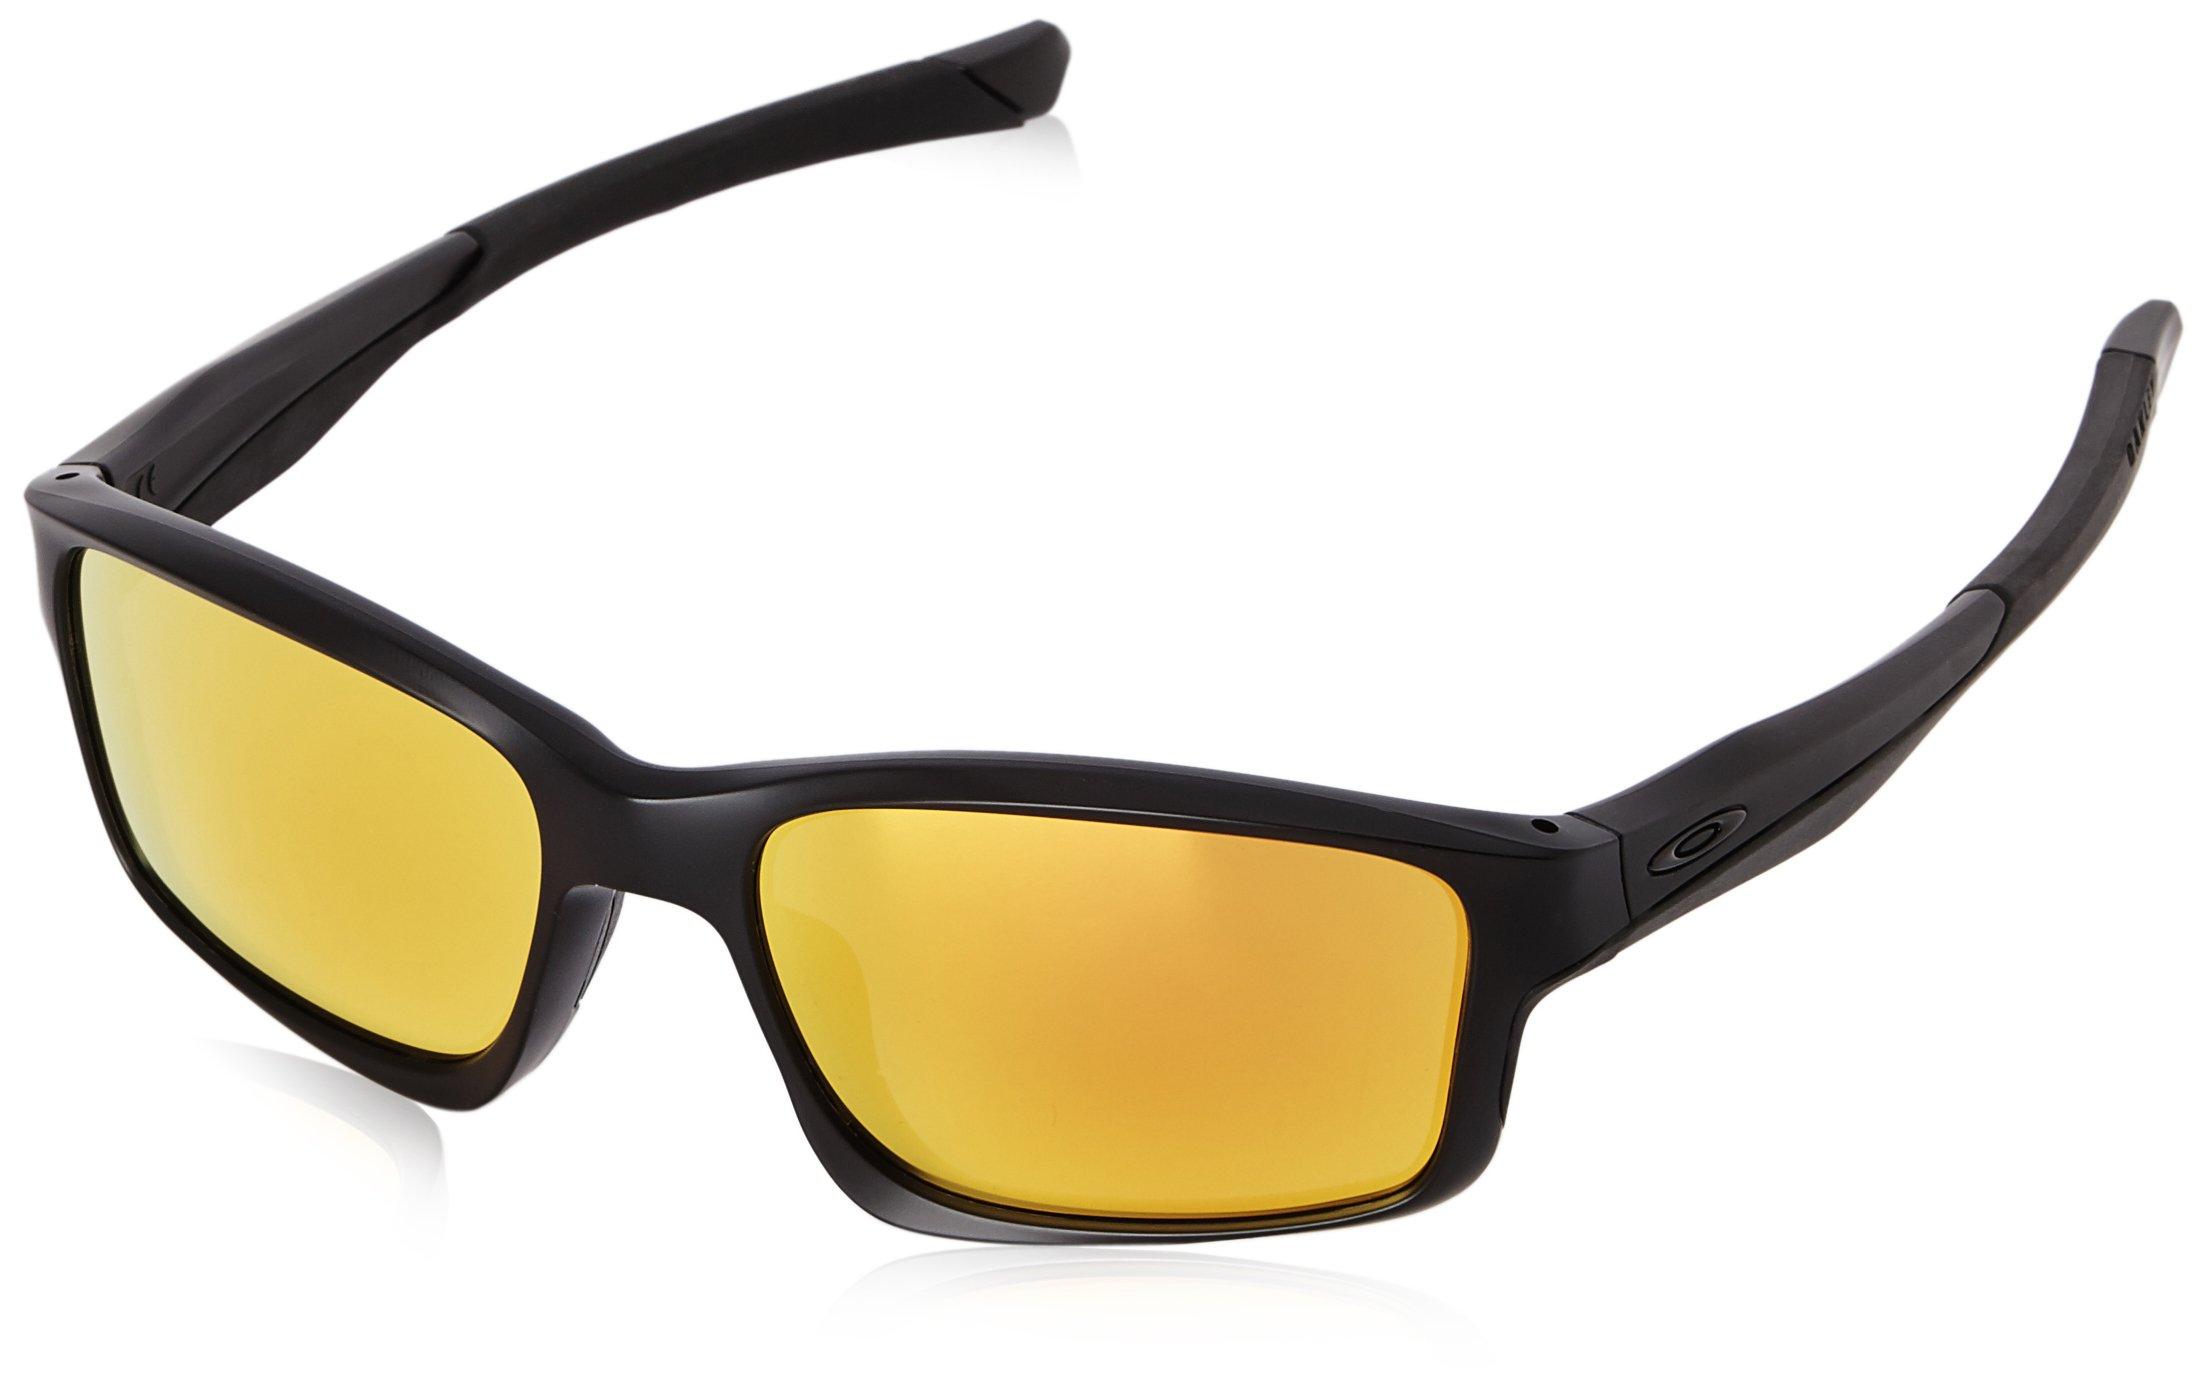 Oakley Mens Chailink OO9247-03 Non-Polarized Ractangular Eyeglasses, Matte Black, 57 mm